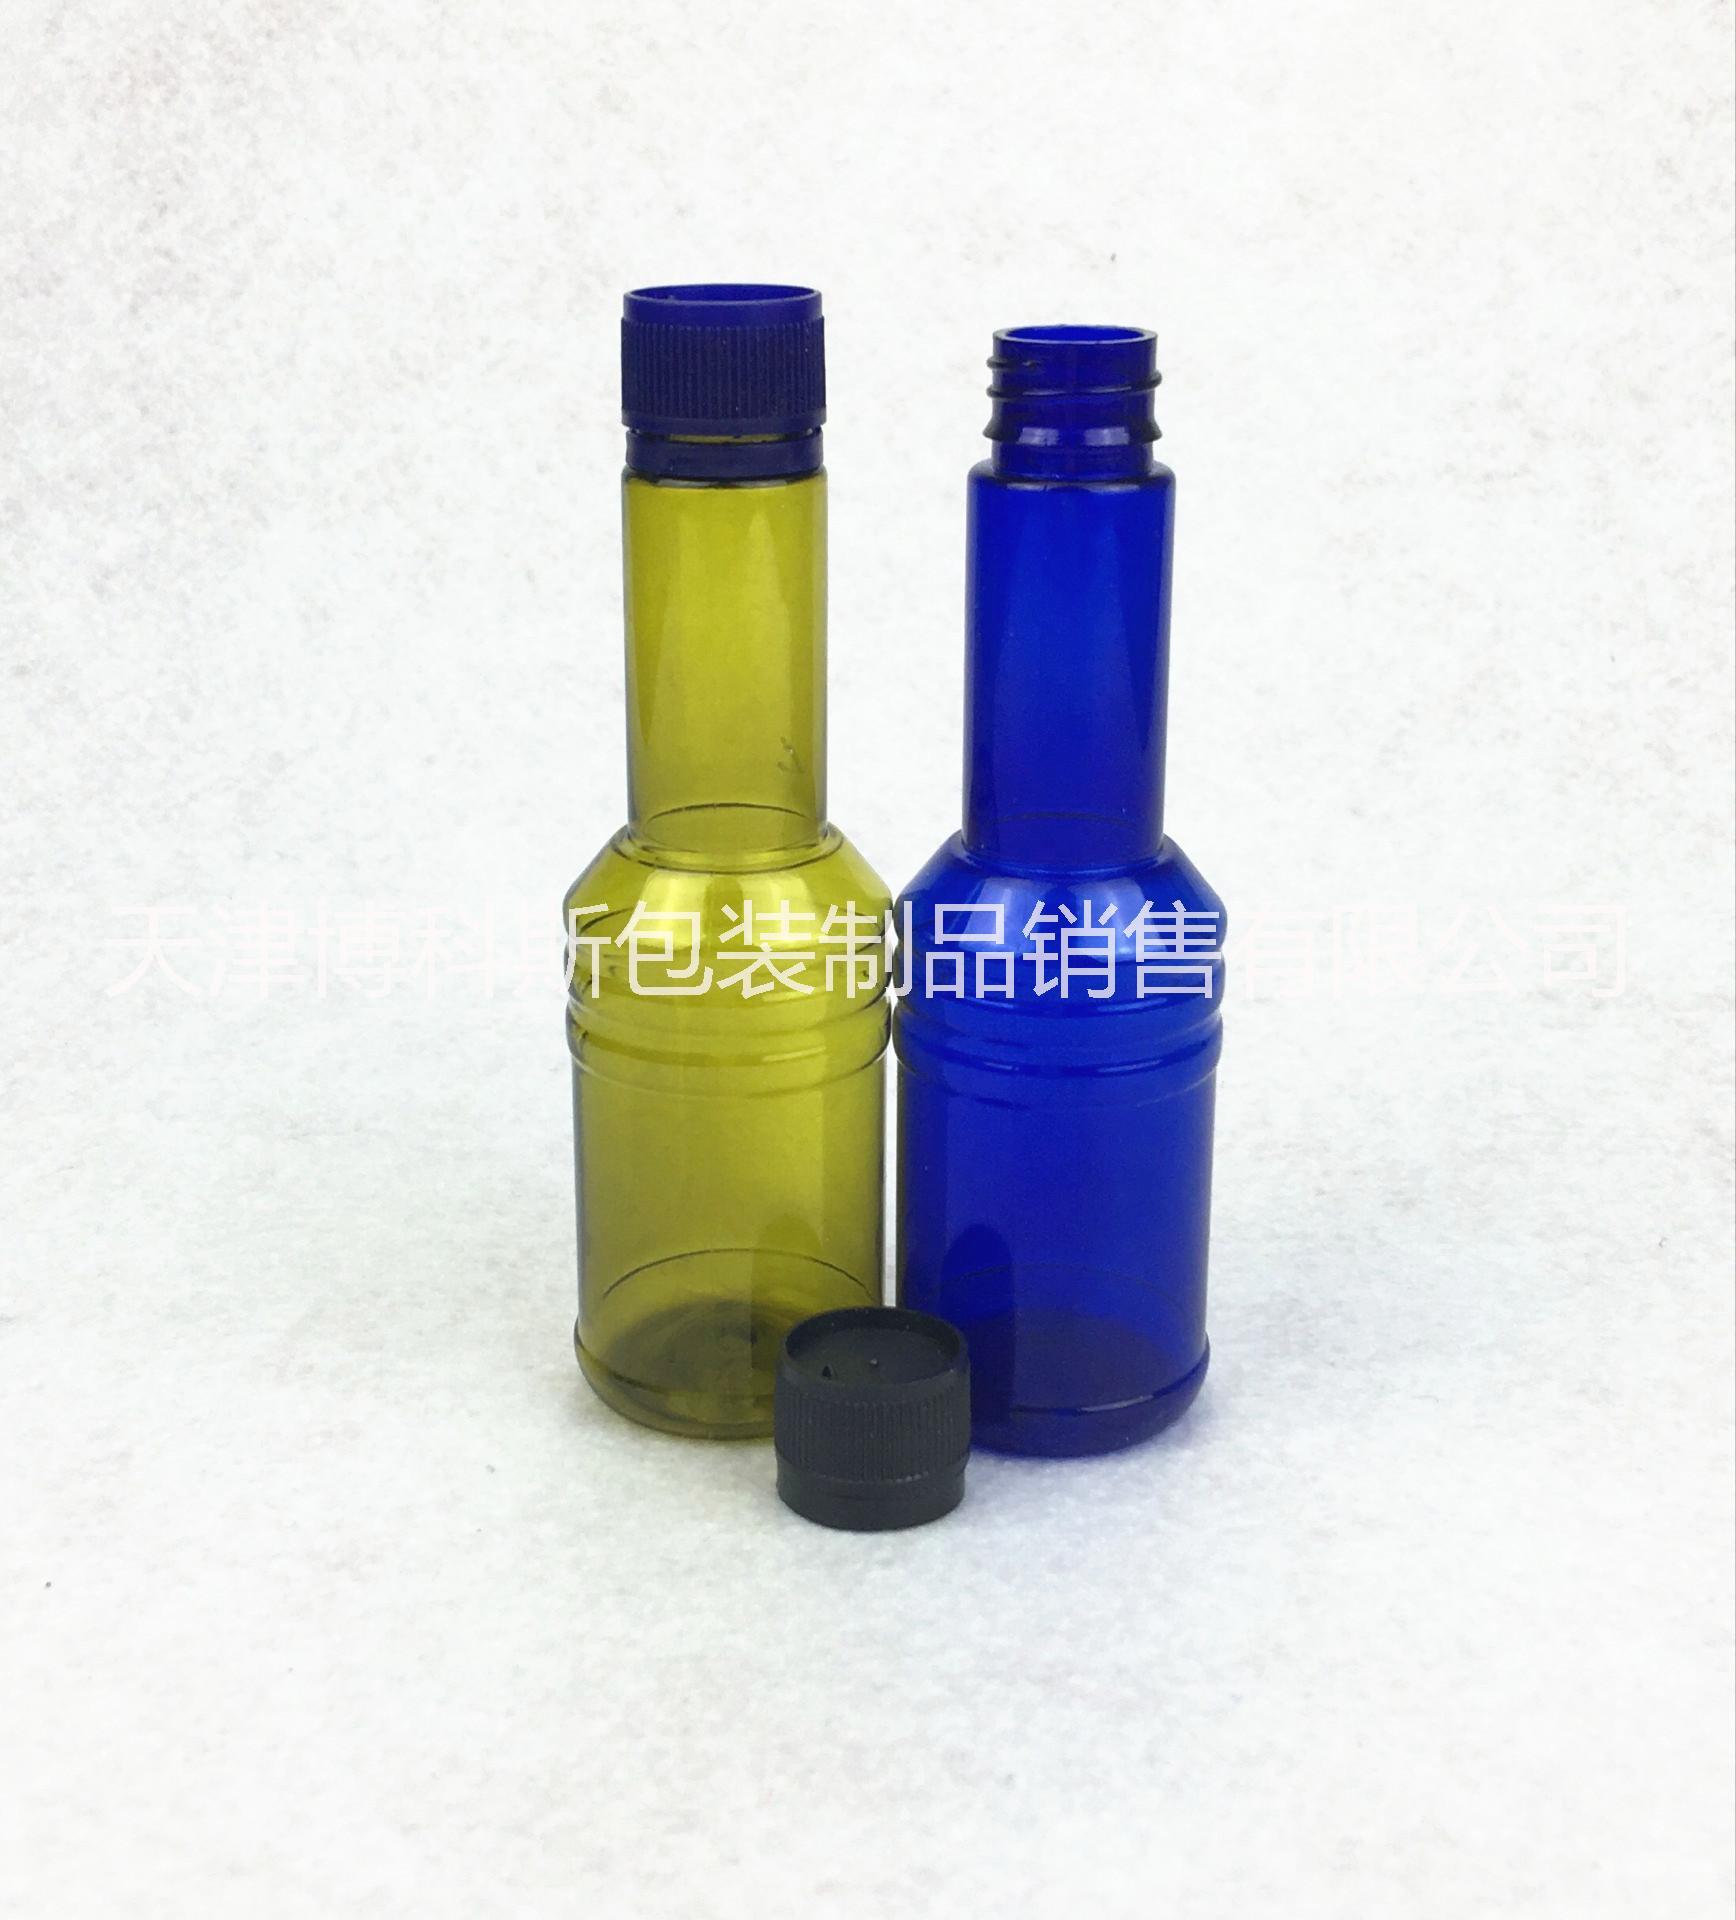 天津供应50ml添加剂瓶